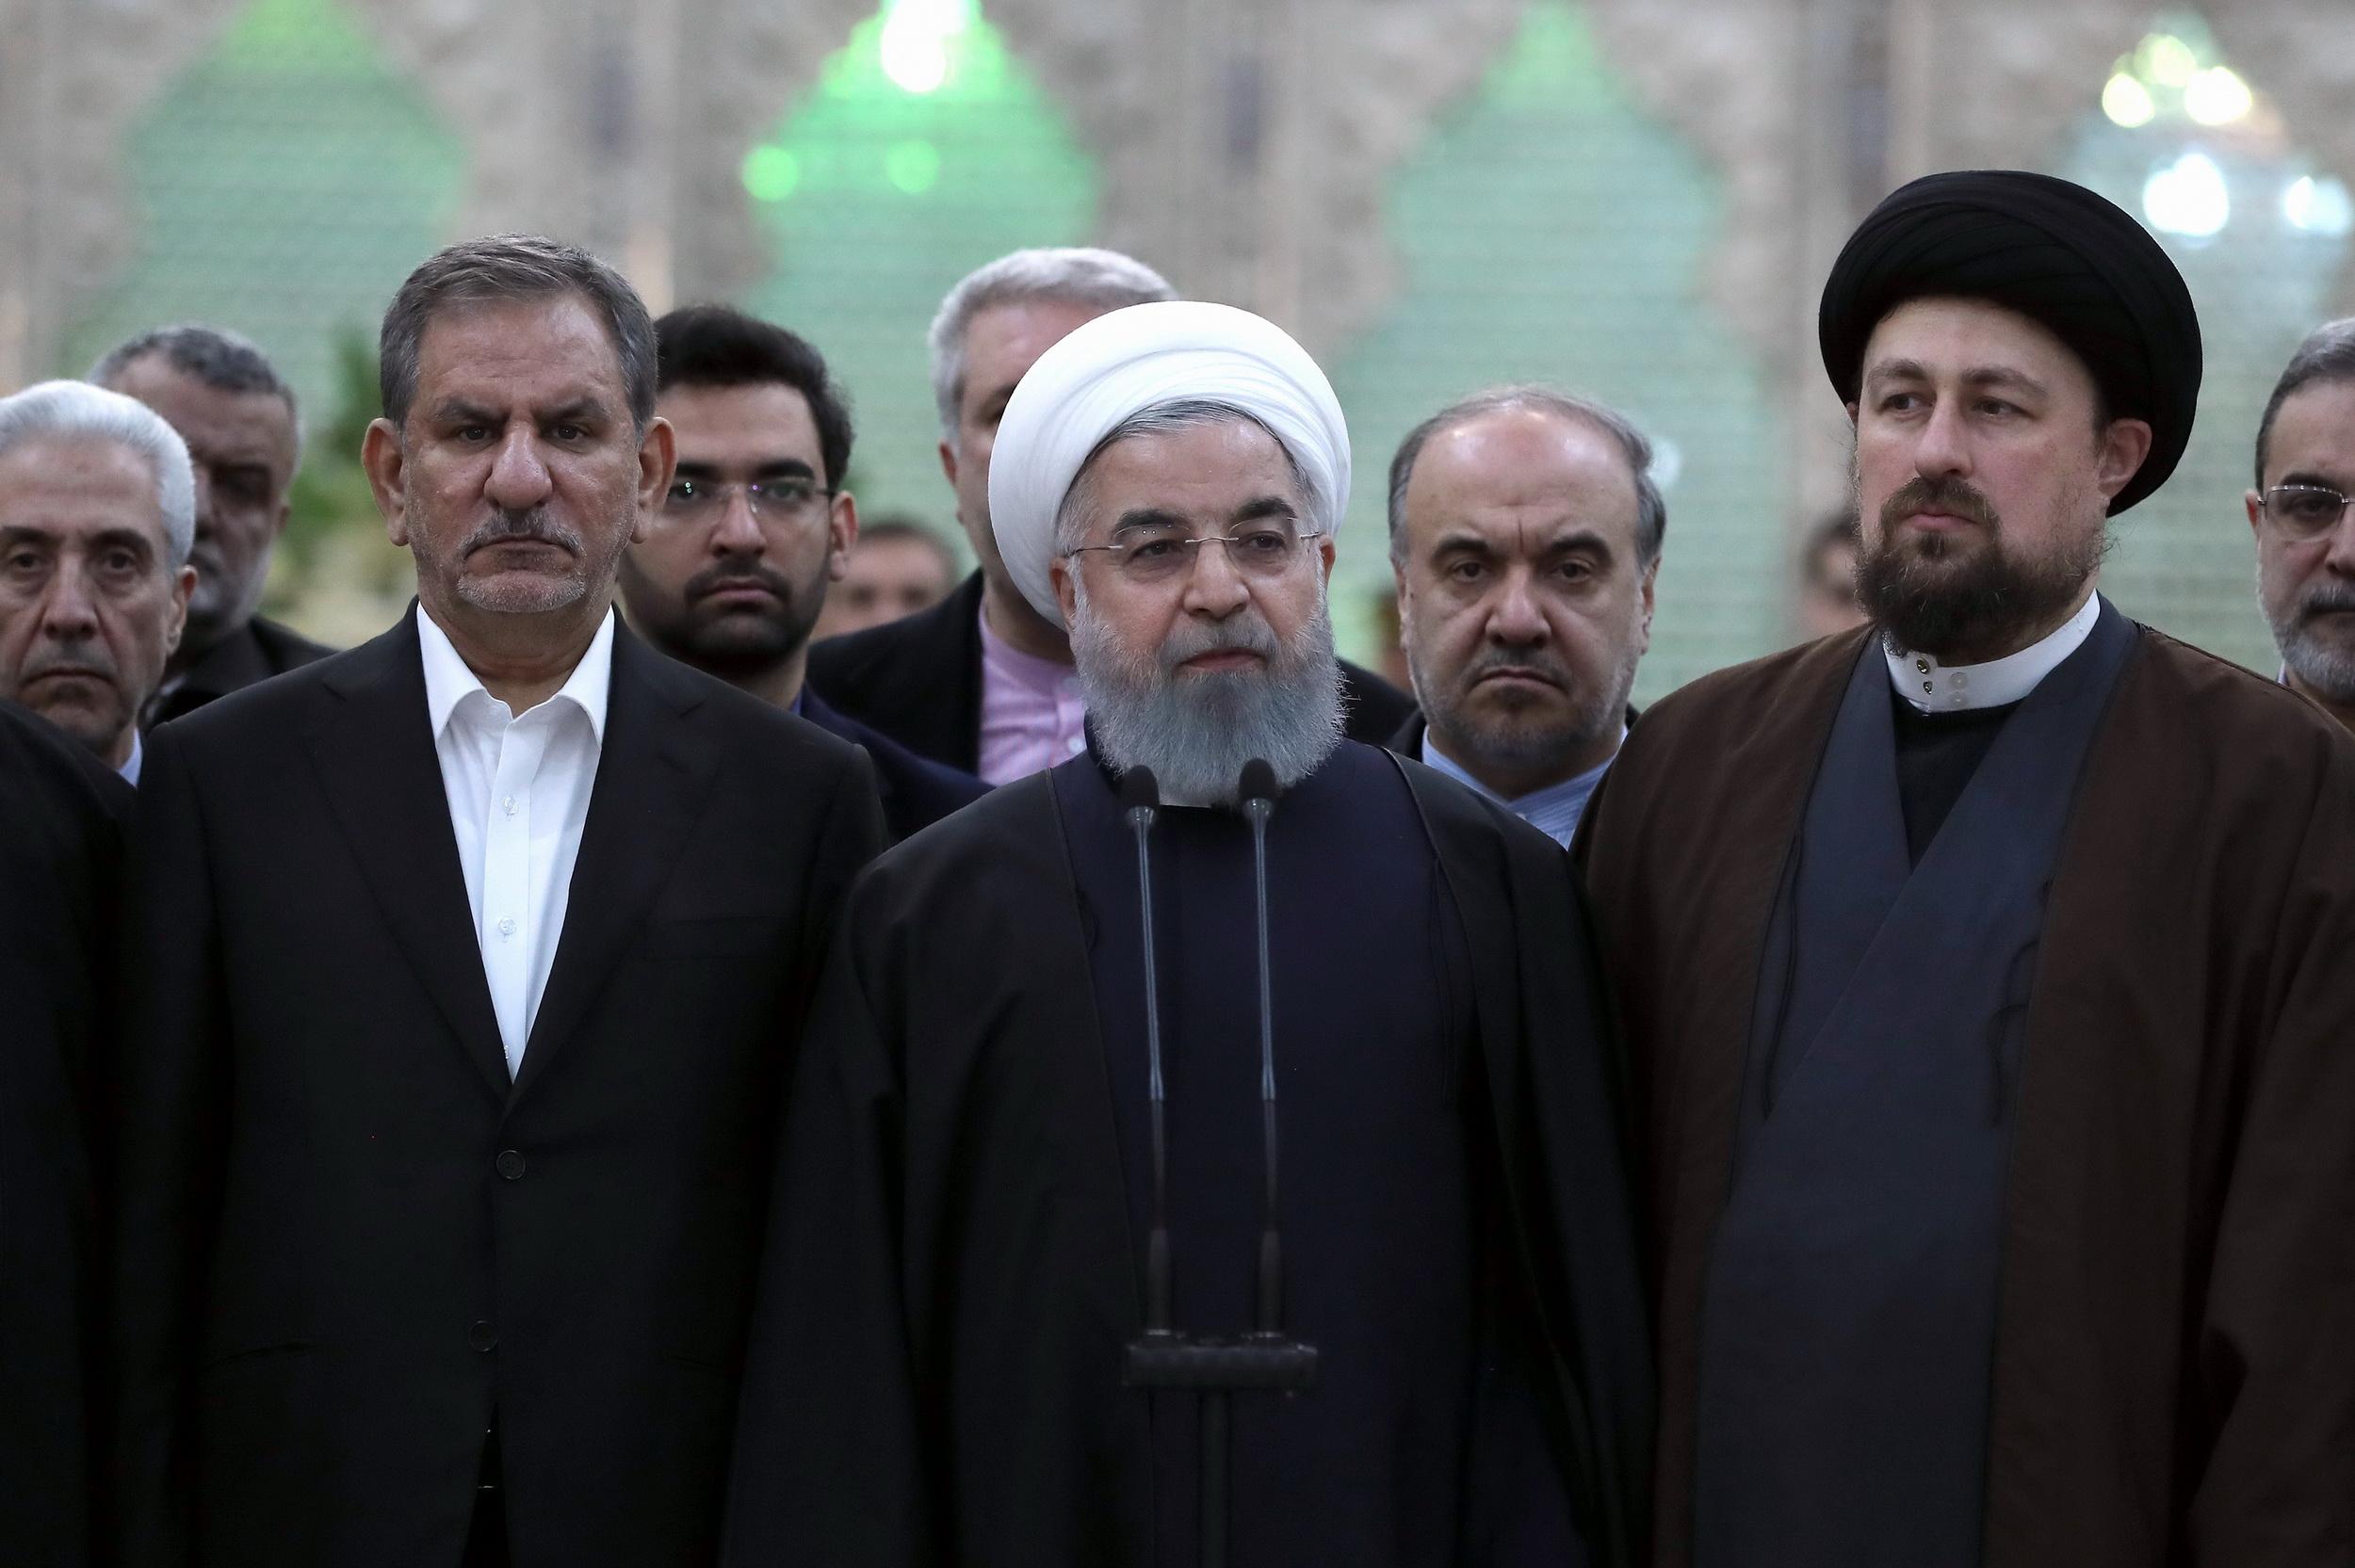 امام خمینی به ما یاد داد که باید با تکیه بر مردم با ابرقدرتها مبارزه کرد